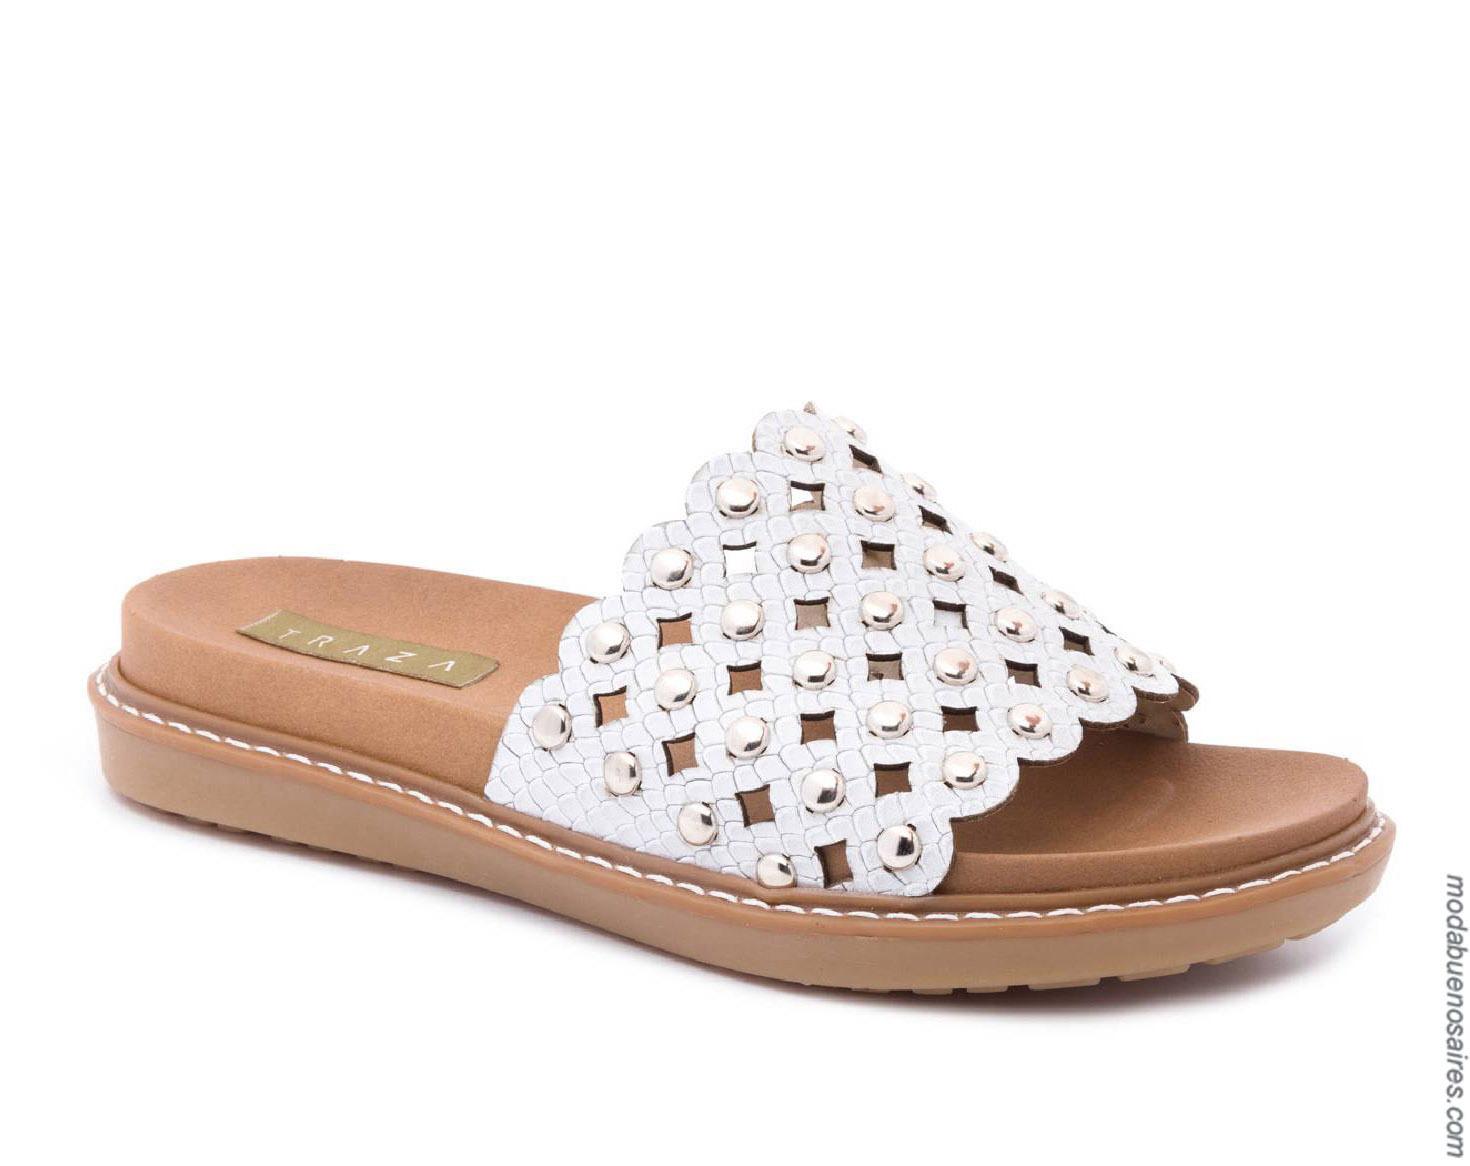 Sandalias bajas moda primavera verano 2020.